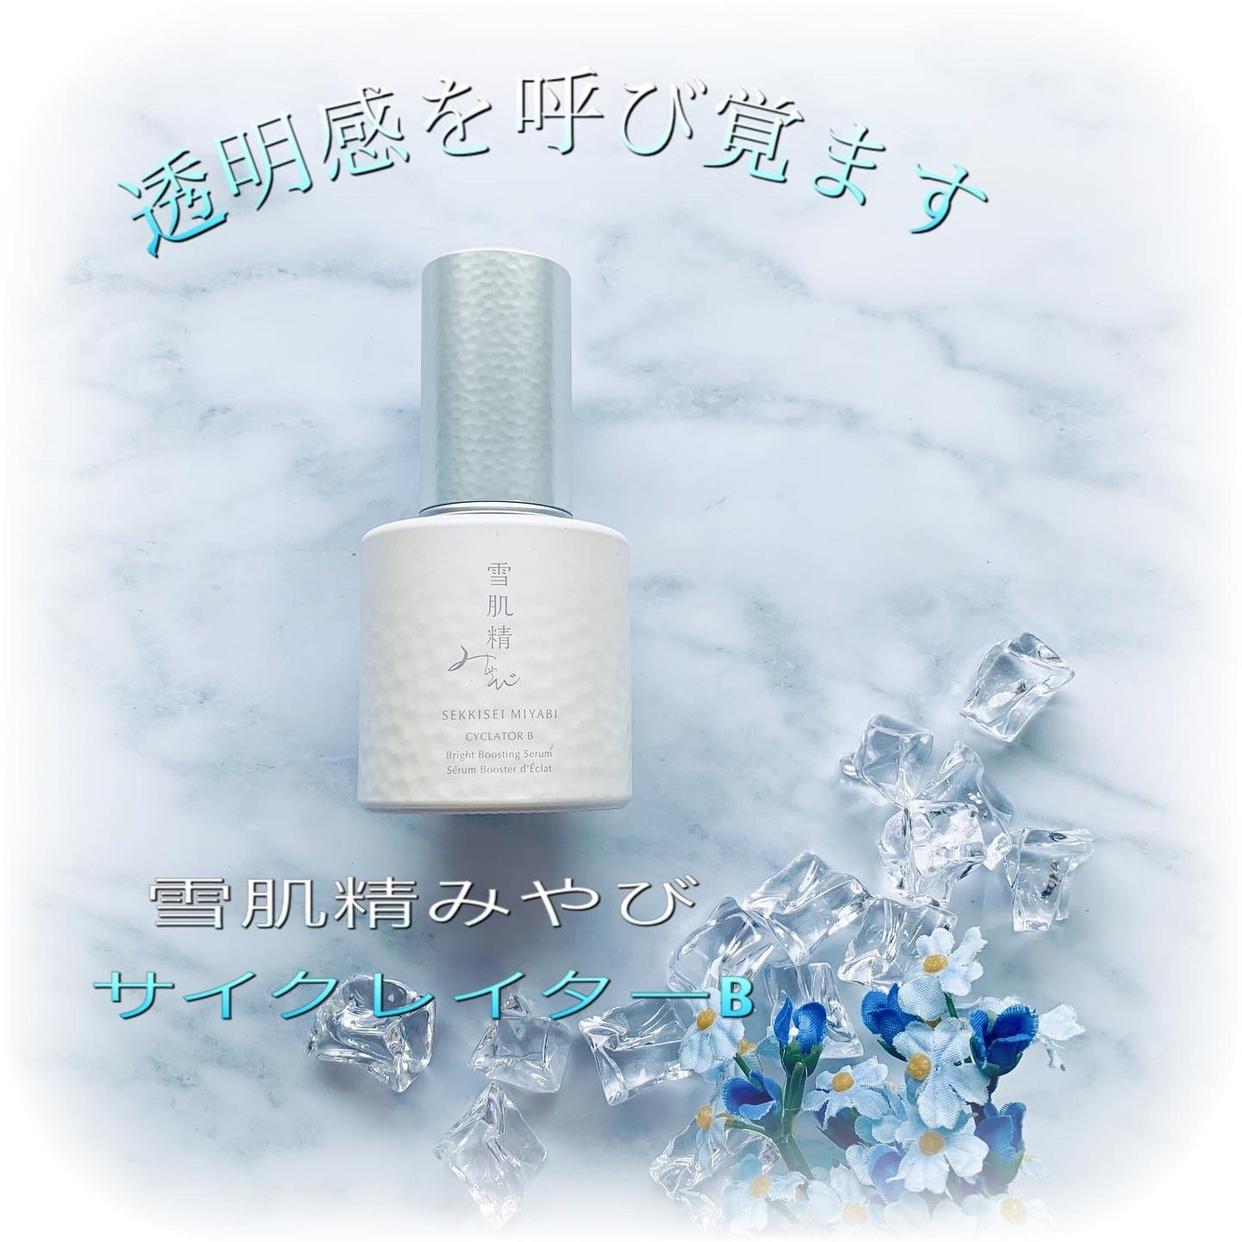 雪肌精 みやび(SEKKISEI MIYABI) サイクレイター Bの良い点・メリットに関するsnowmiさんの口コミ画像1